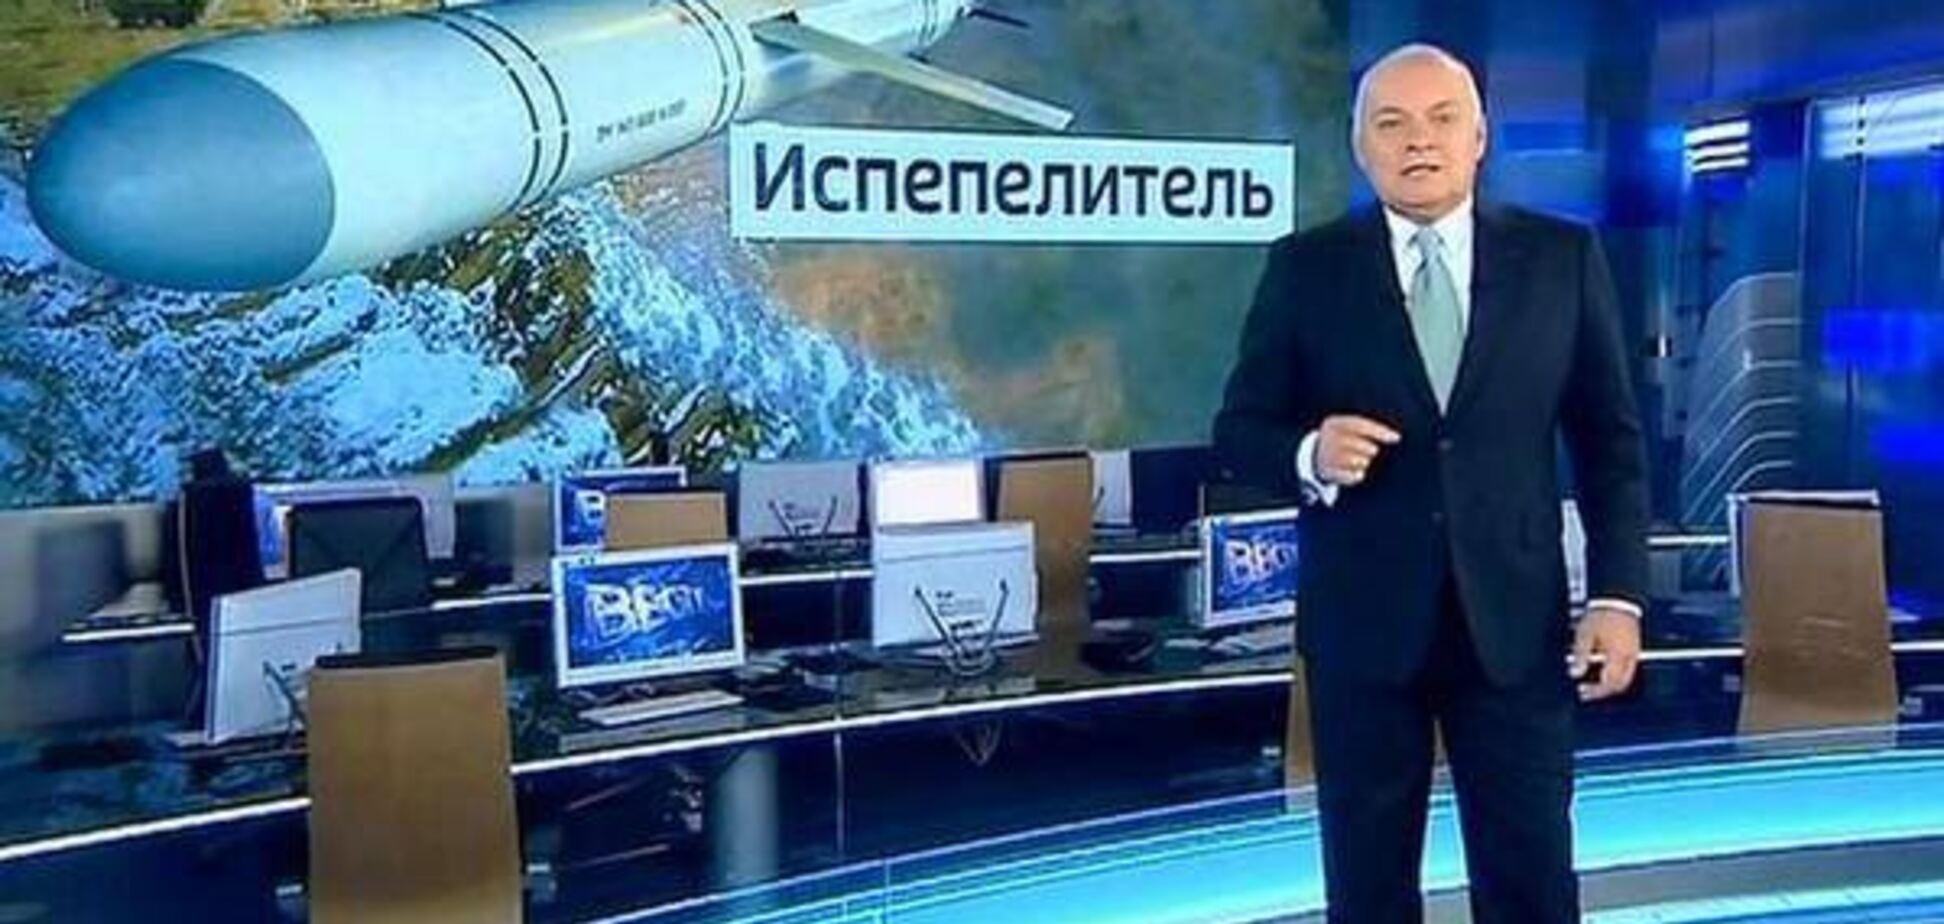 Флаг Украины над Кремлем: оппозиционер сказал о пользе украинских идиотов